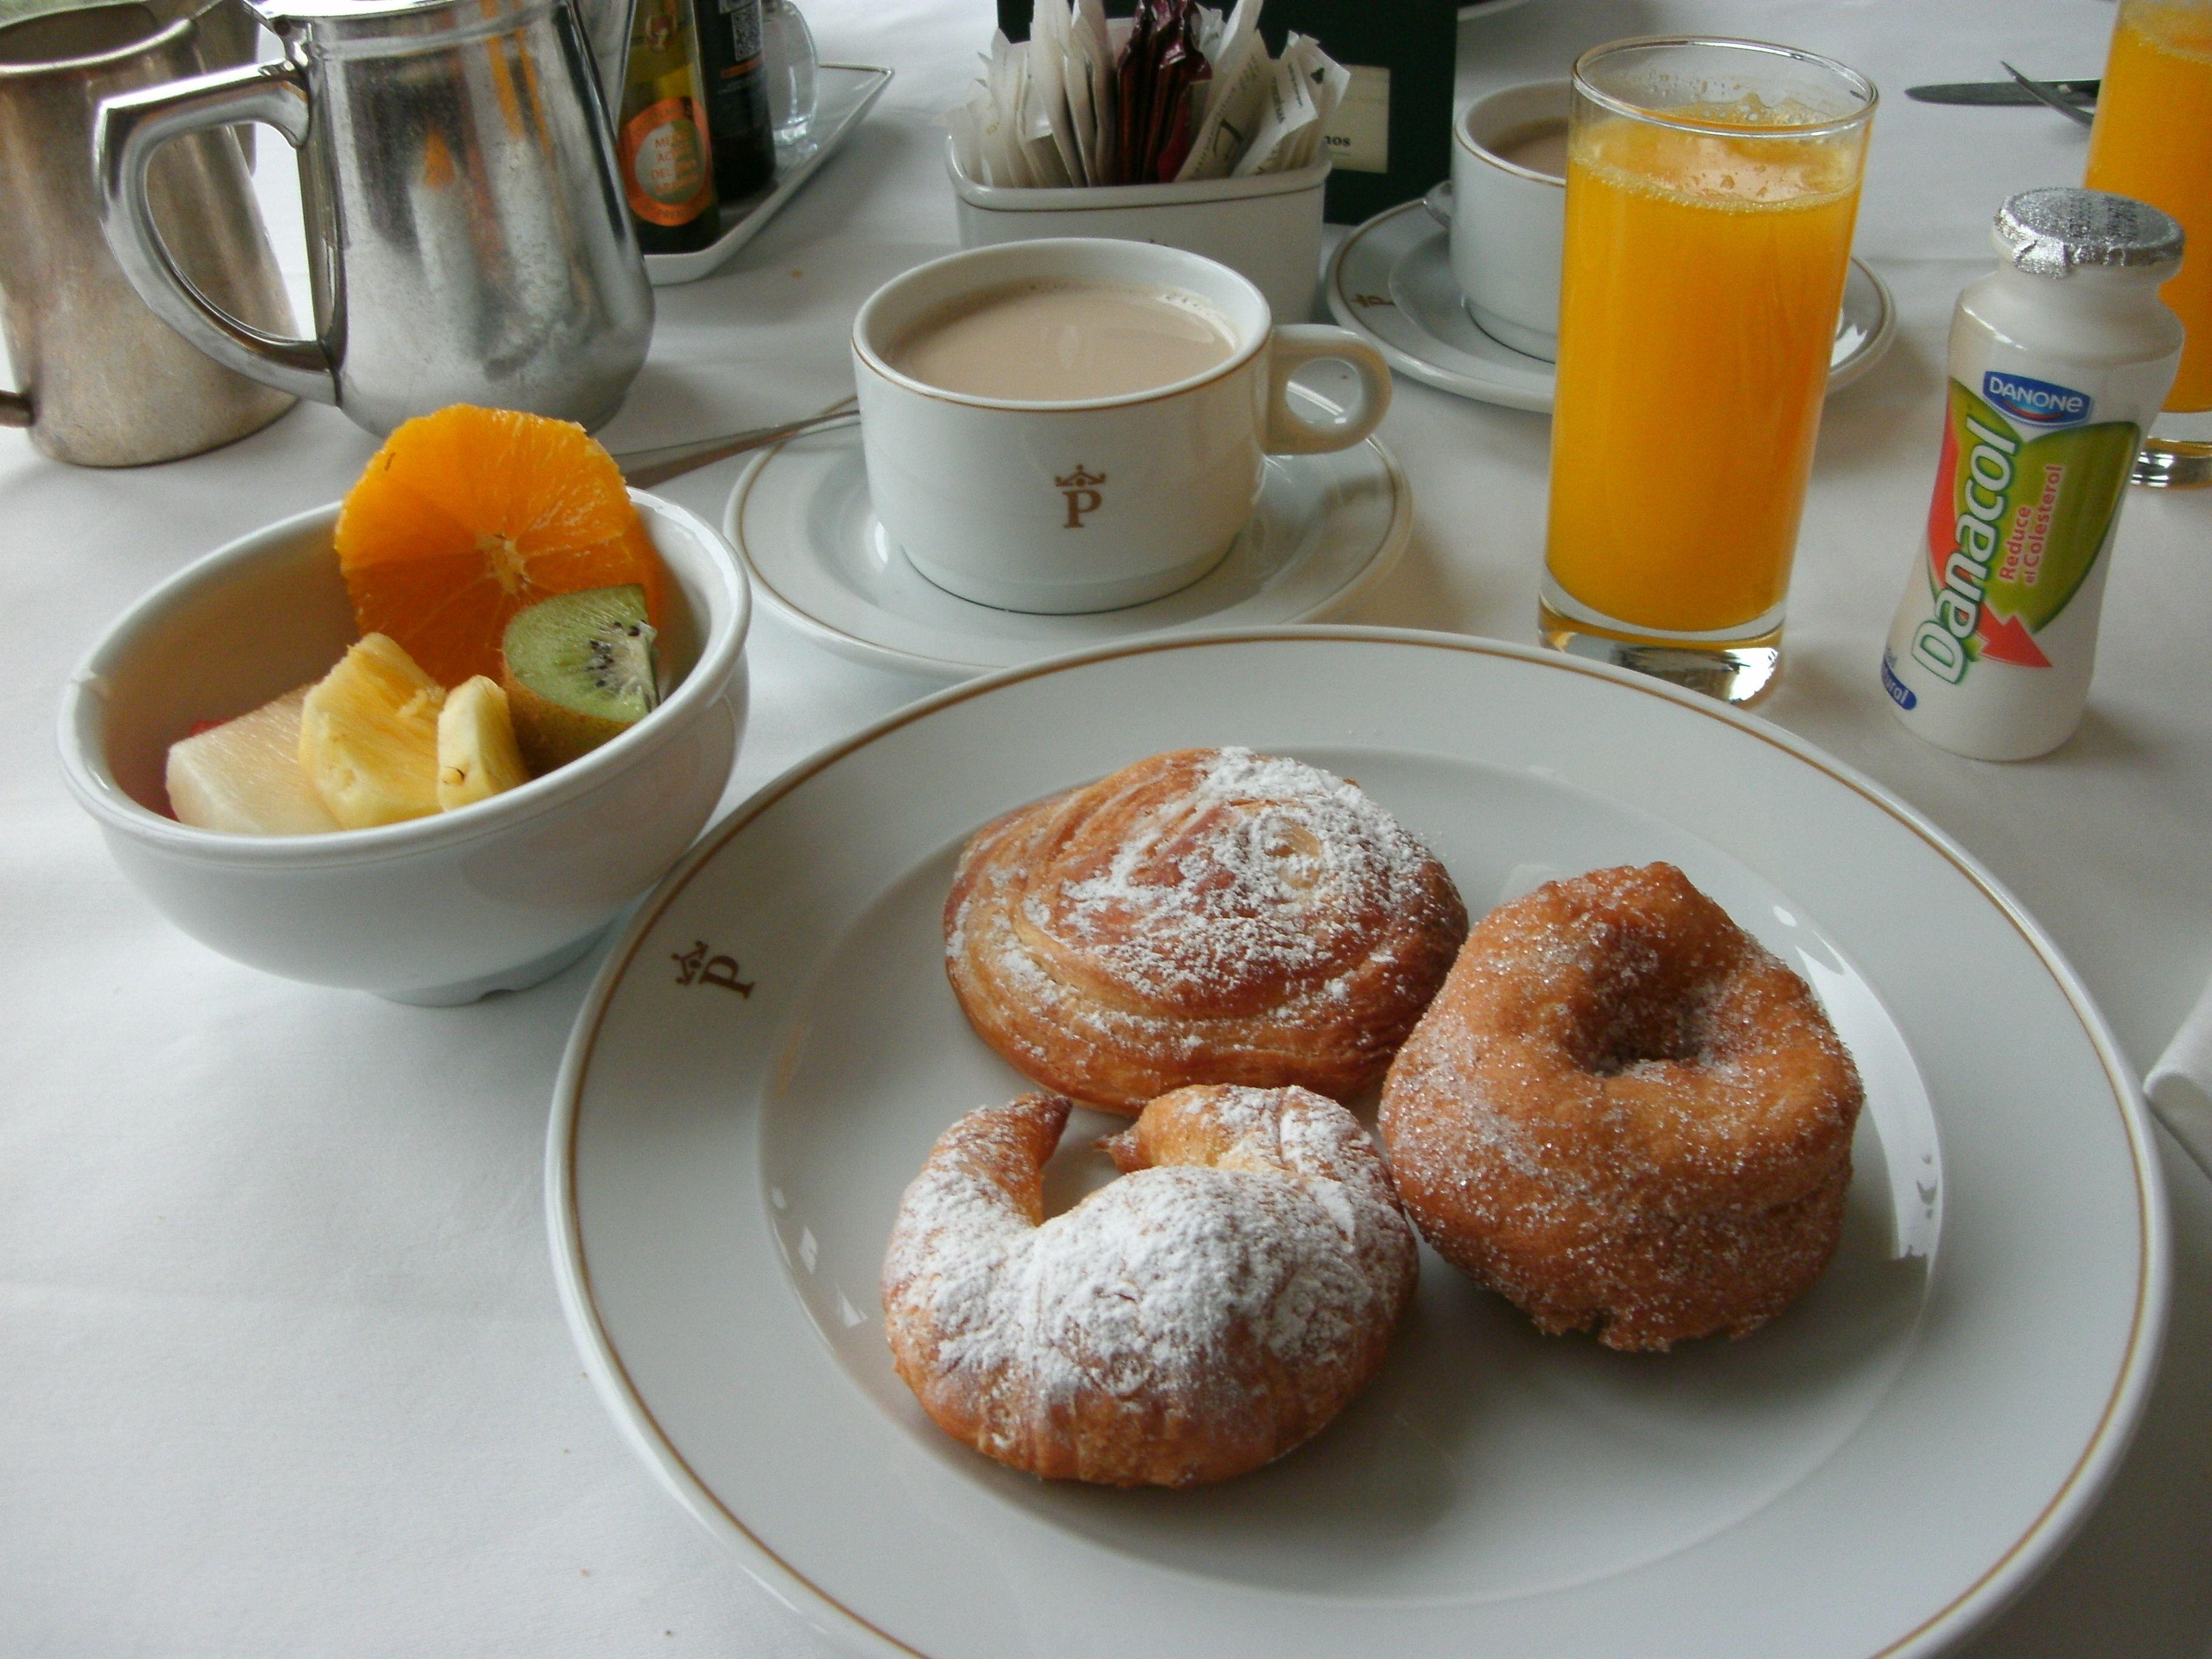 Desayuno en el Parador Nacional de Soria